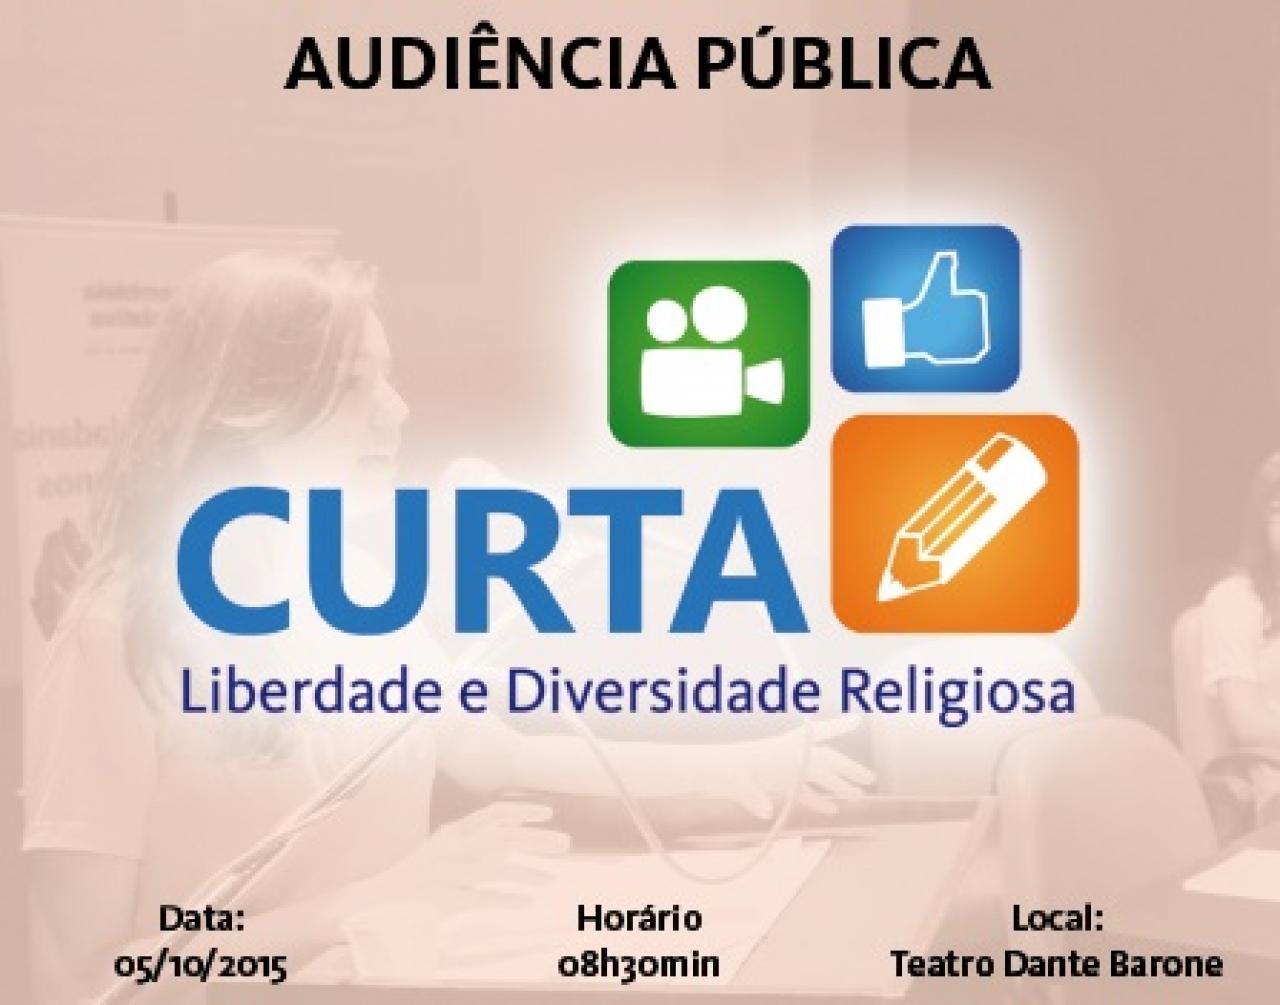 Audiência Pública - Liberdade e Diversidade Religiosa